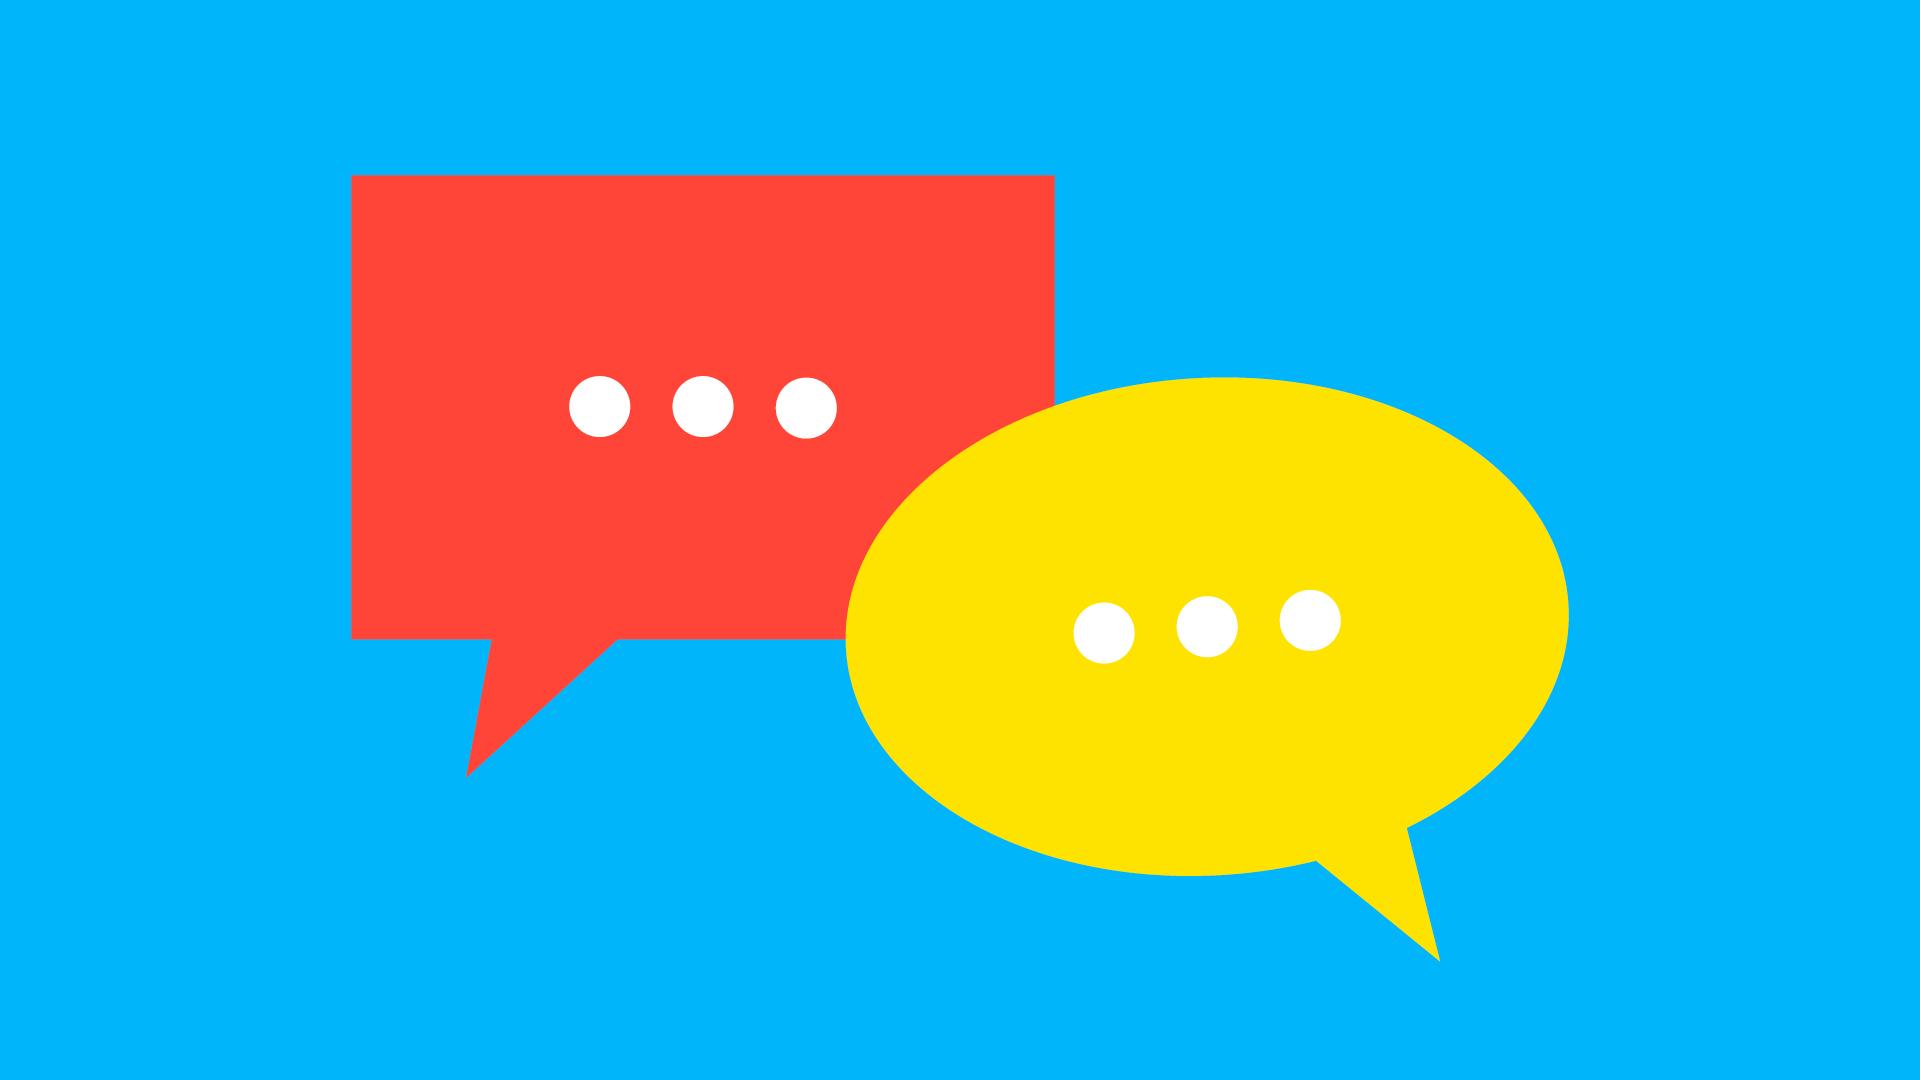 TINCON: Popkultur als Repräsentationsort für marginalisierte Identitäten (Talk)